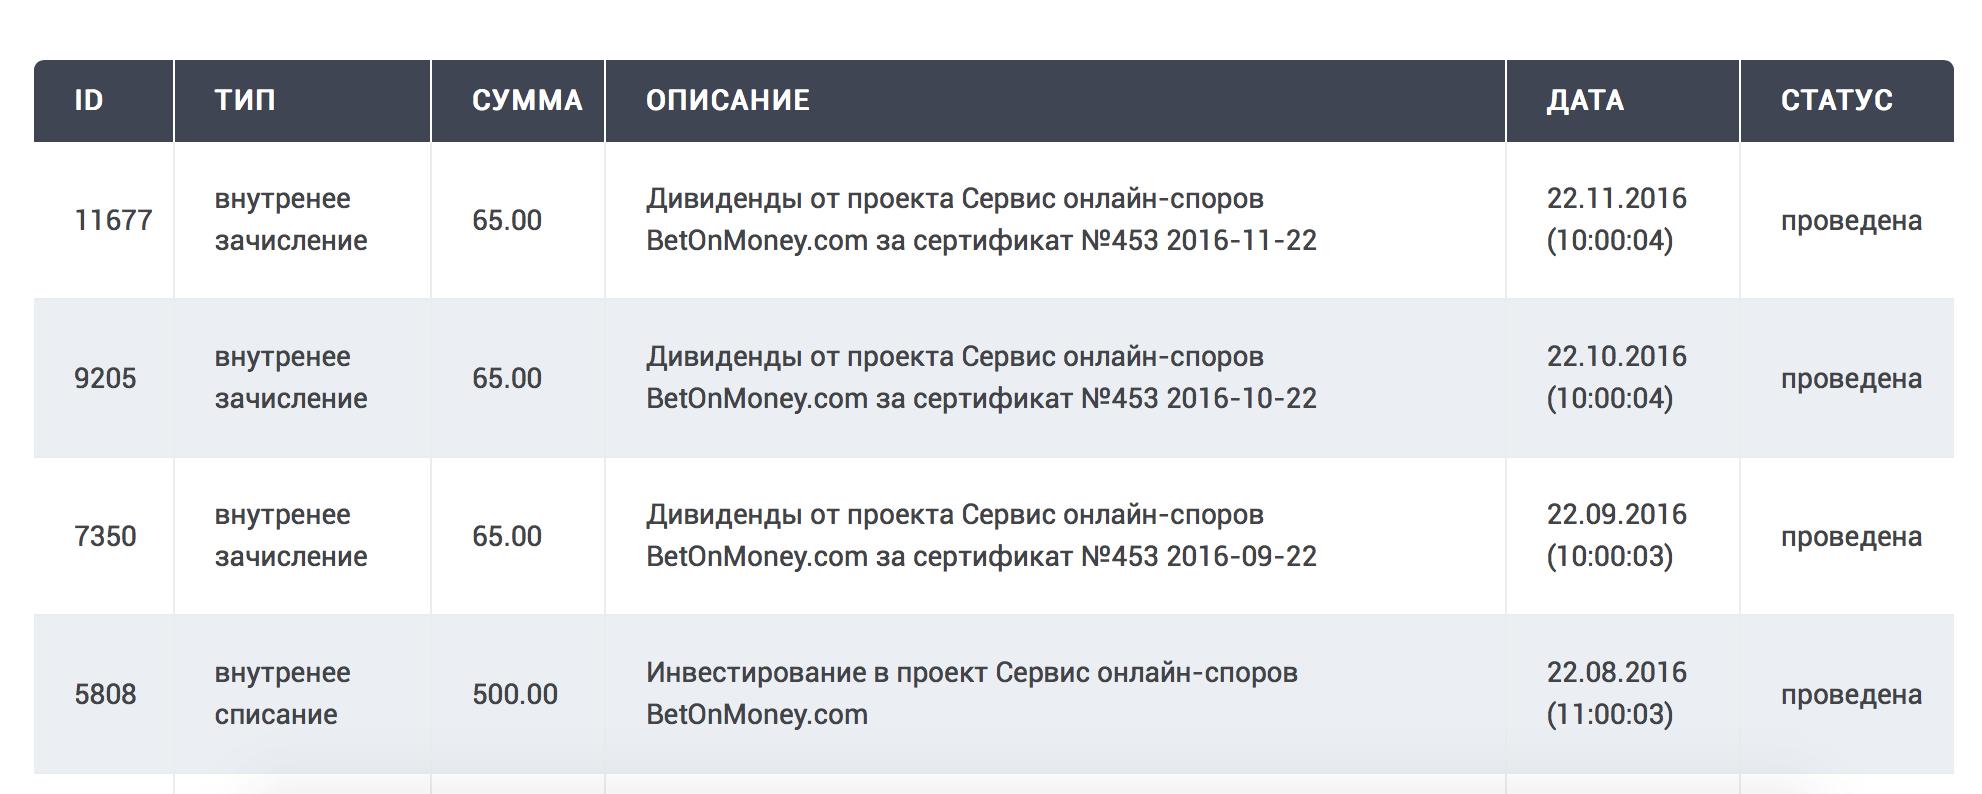 Все выплаты дивидендов на бирже долей StartupUM по проекту BETonMONEY